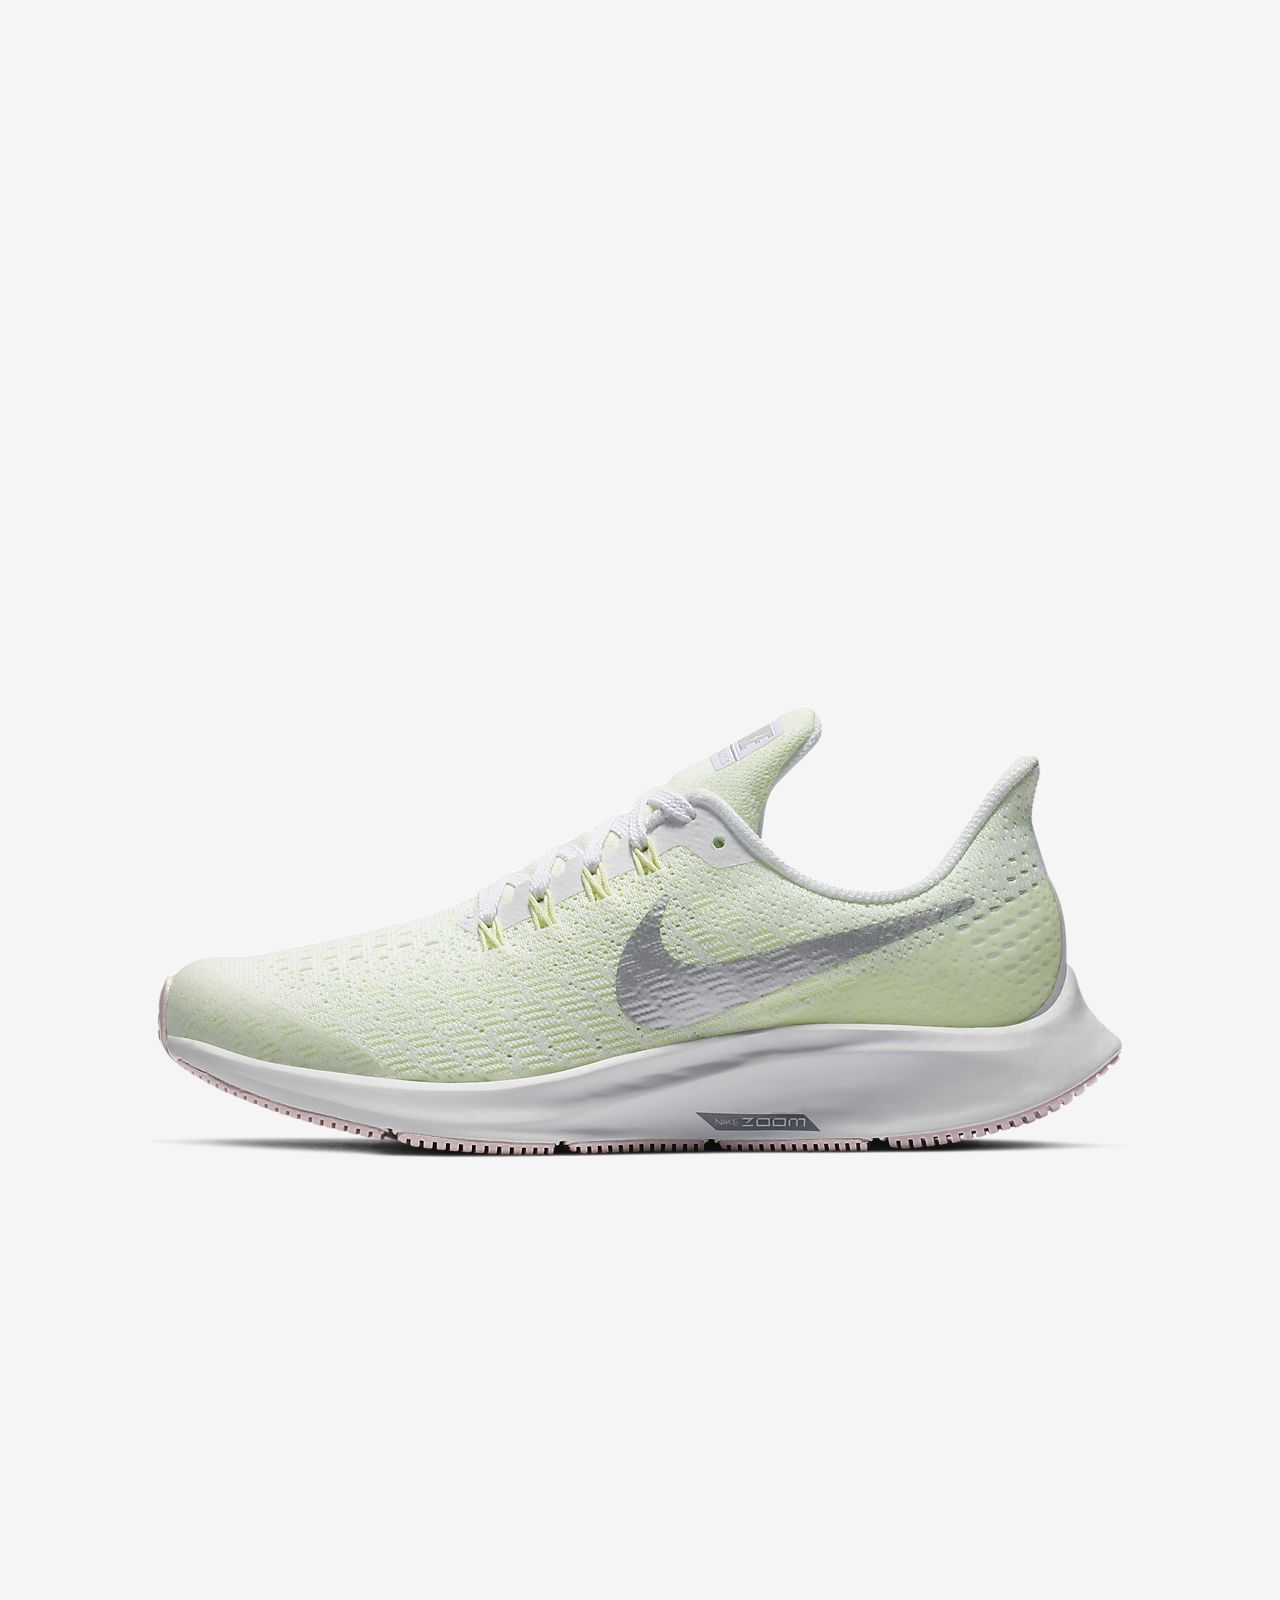 7d2cf7bc ... Беговые кроссовки для дошкольников/школьников Nike Air Zoom Pegasus 35